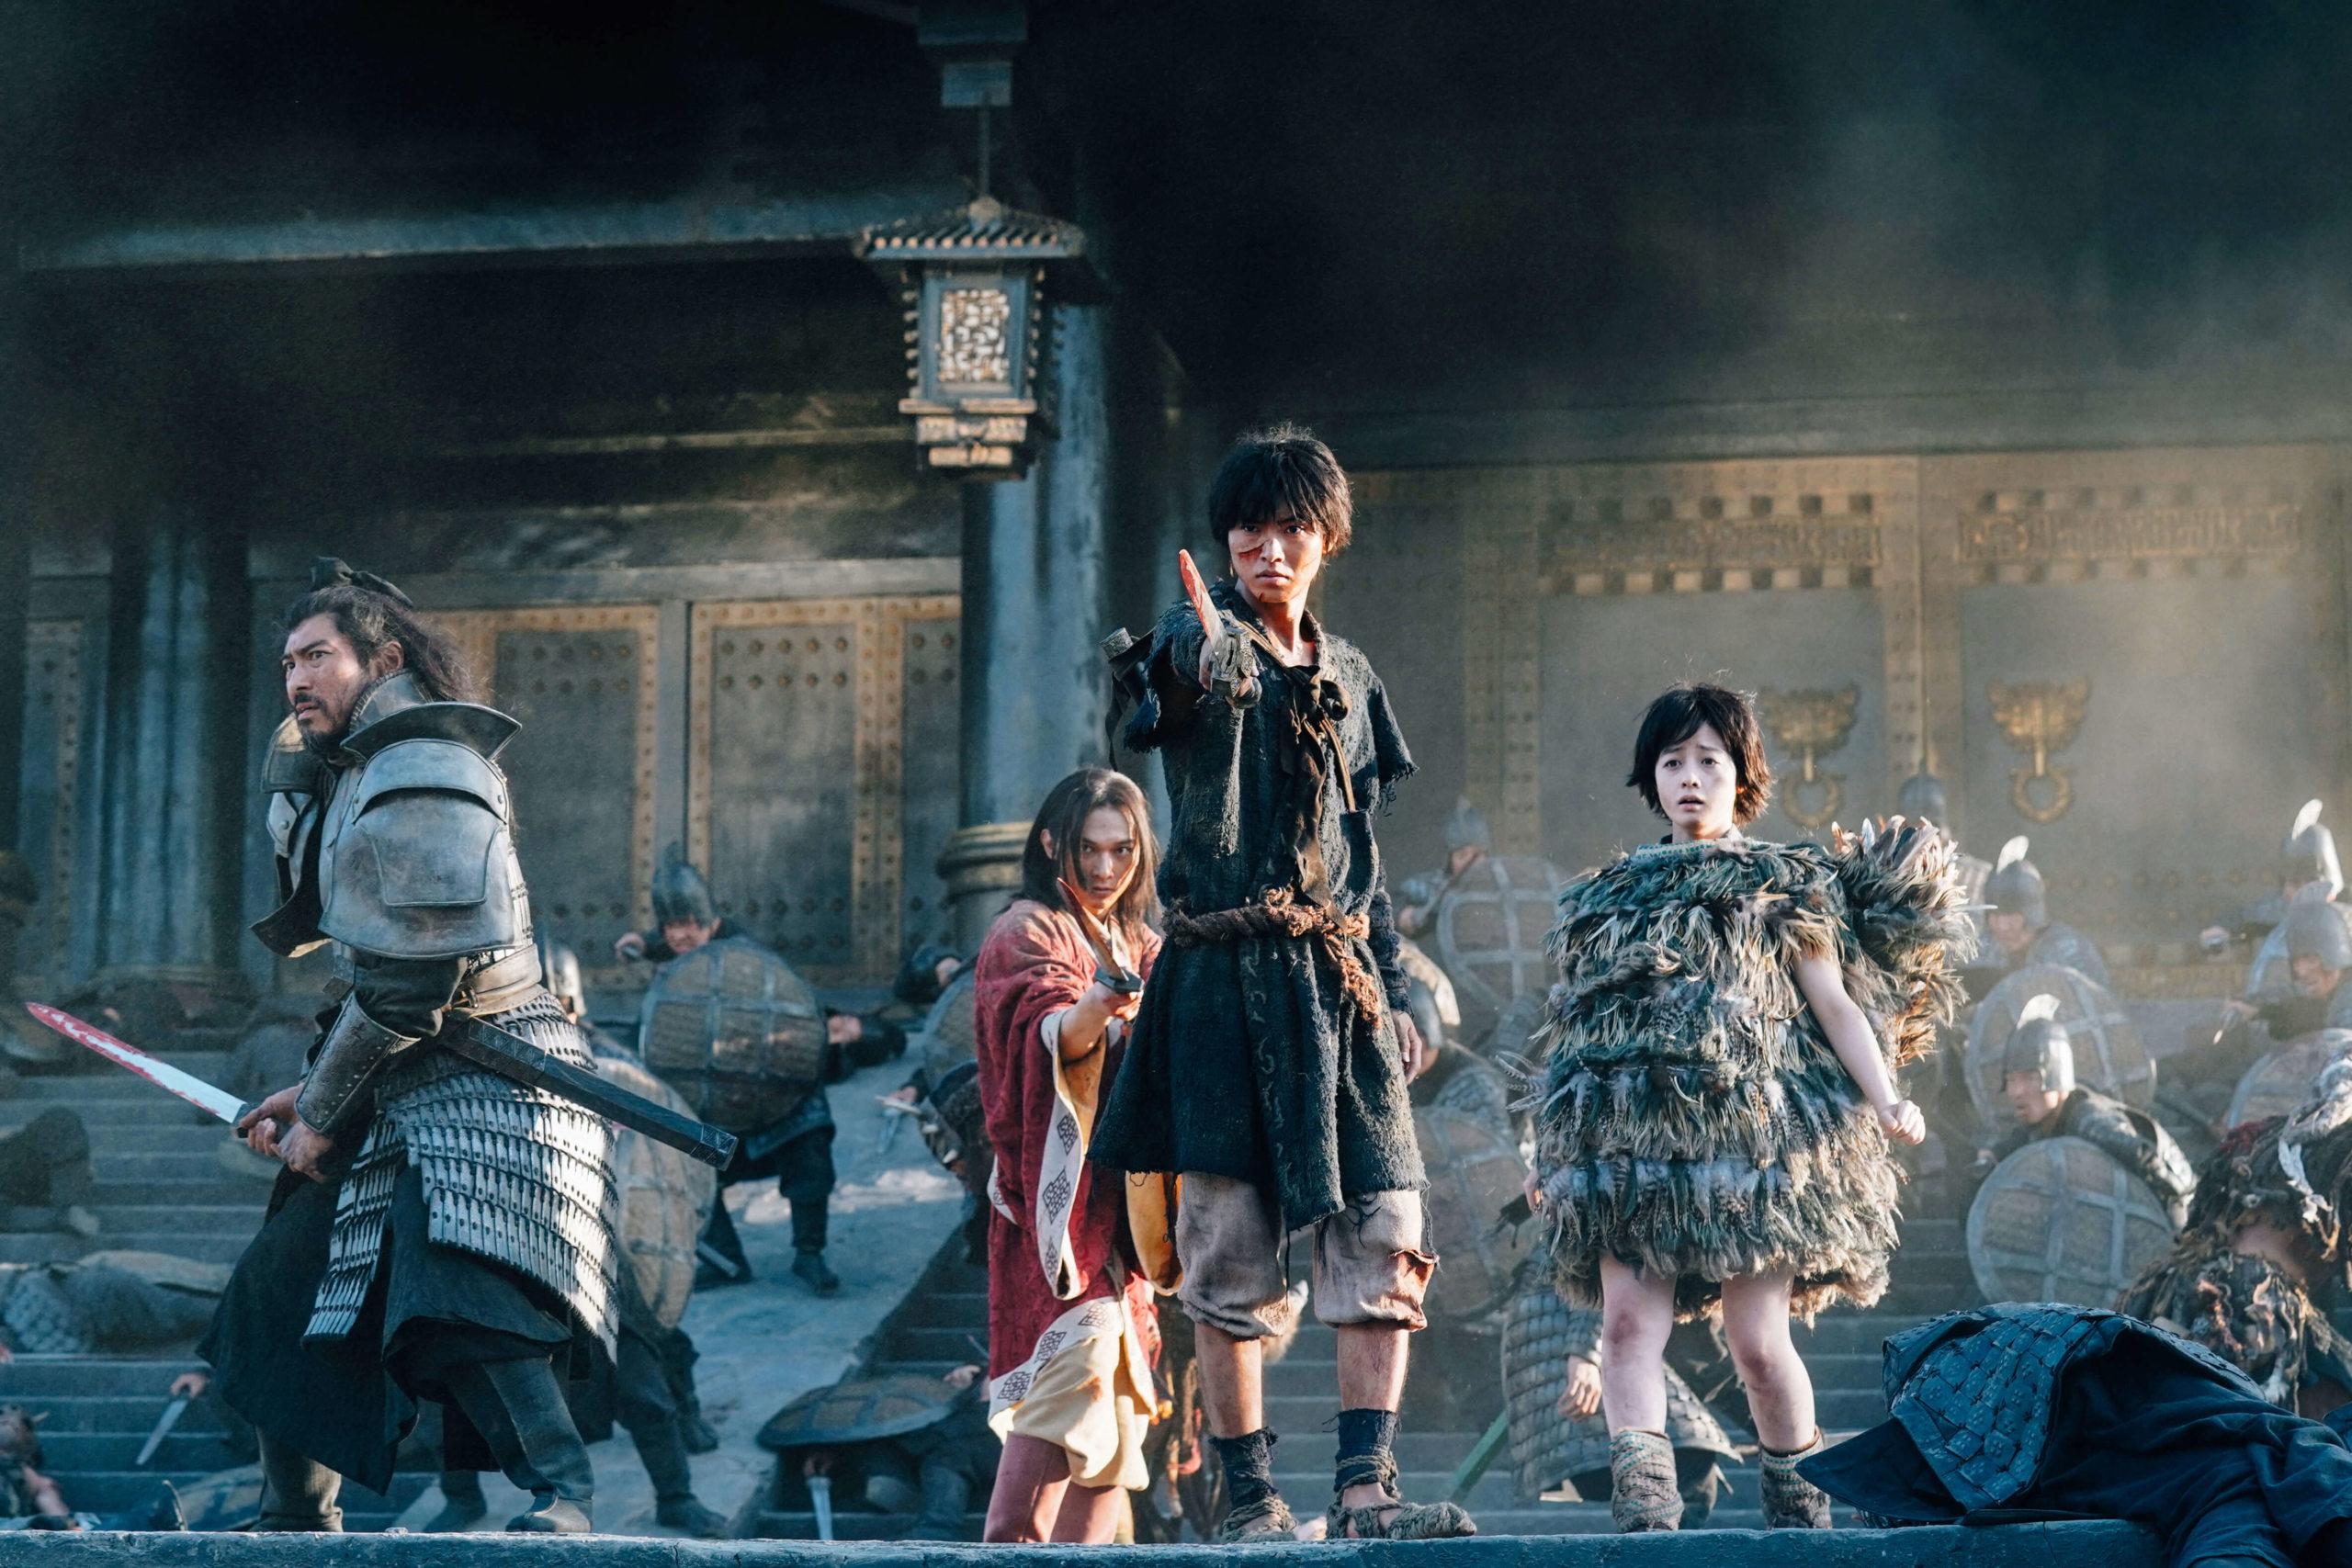 漫畫改編日本年度真人版票房冠軍電影《王者天下》即將於7月19日全台上映! Aouoaa12